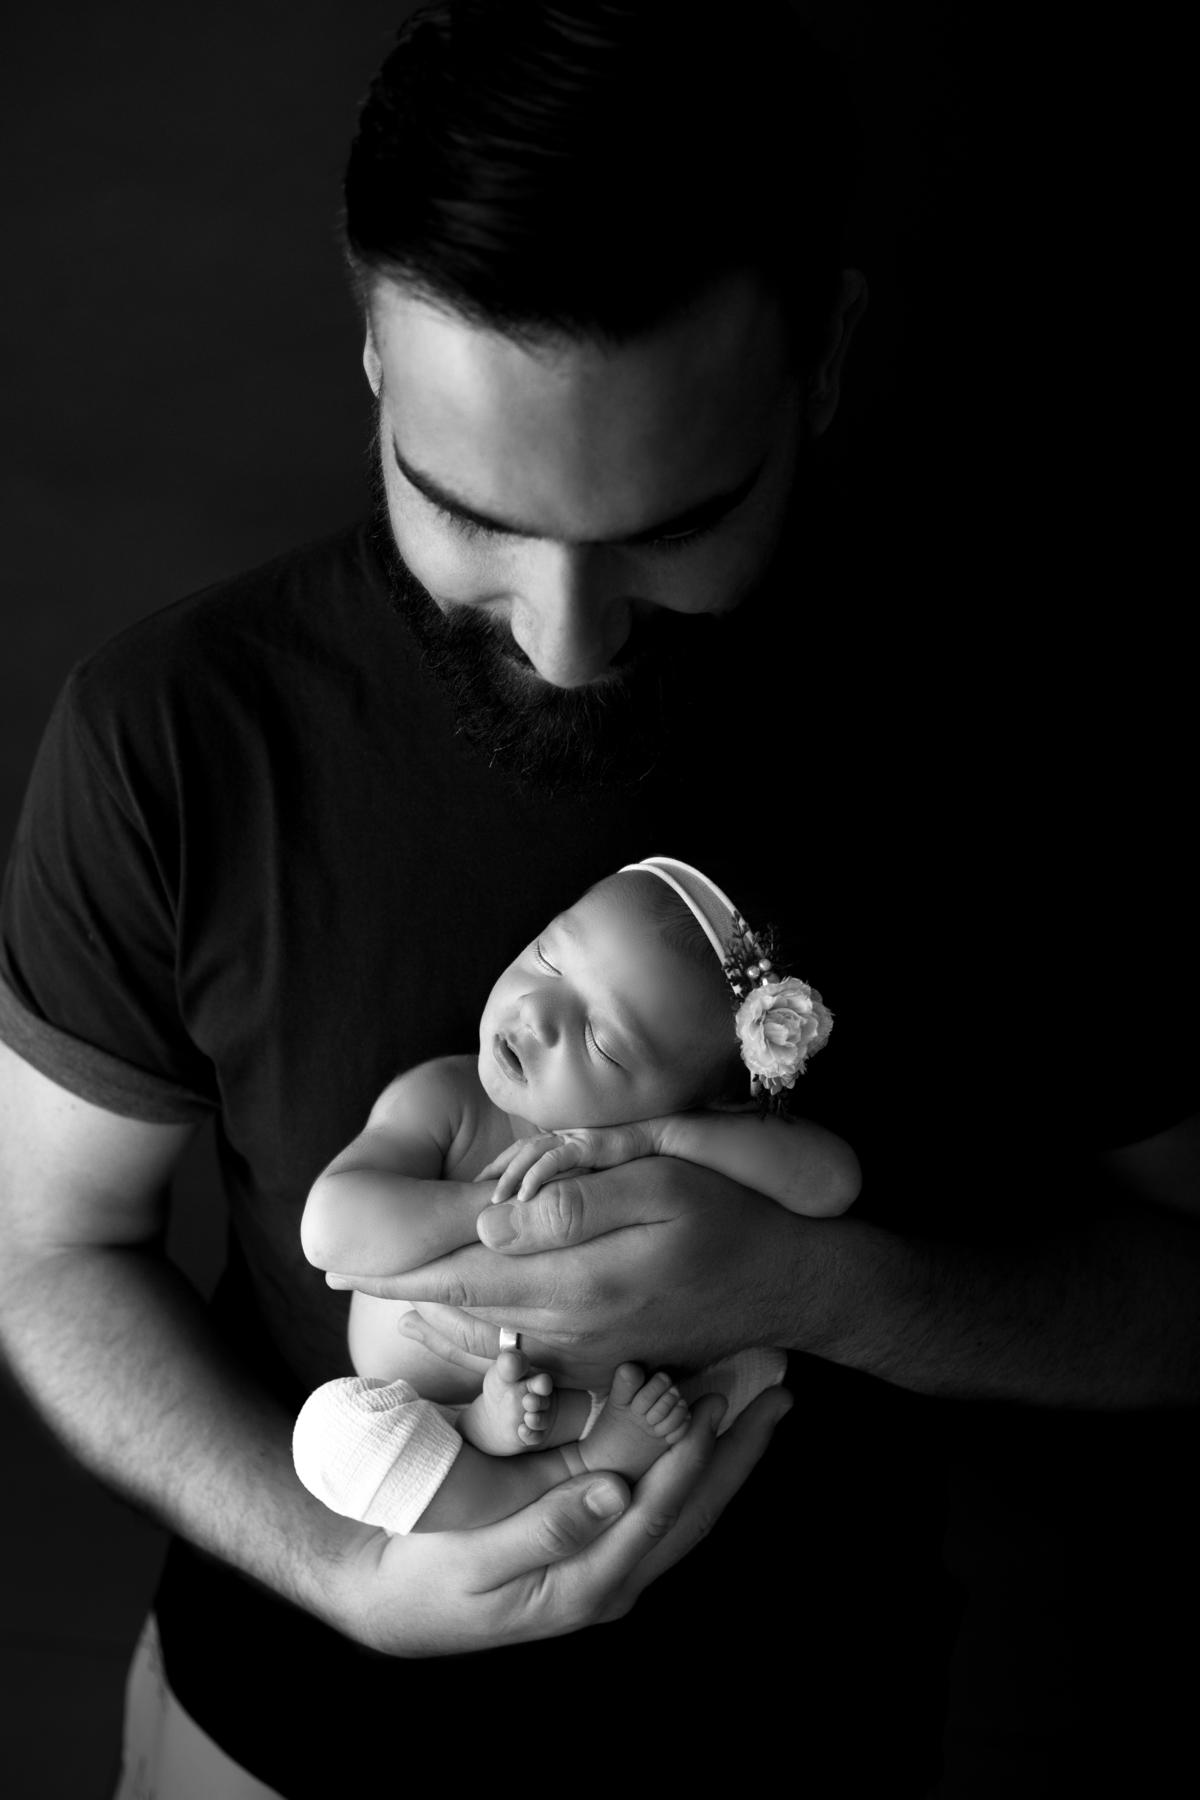 Papai e filha recem nascida em preto e branco, ensaio newborn em Brasilia,